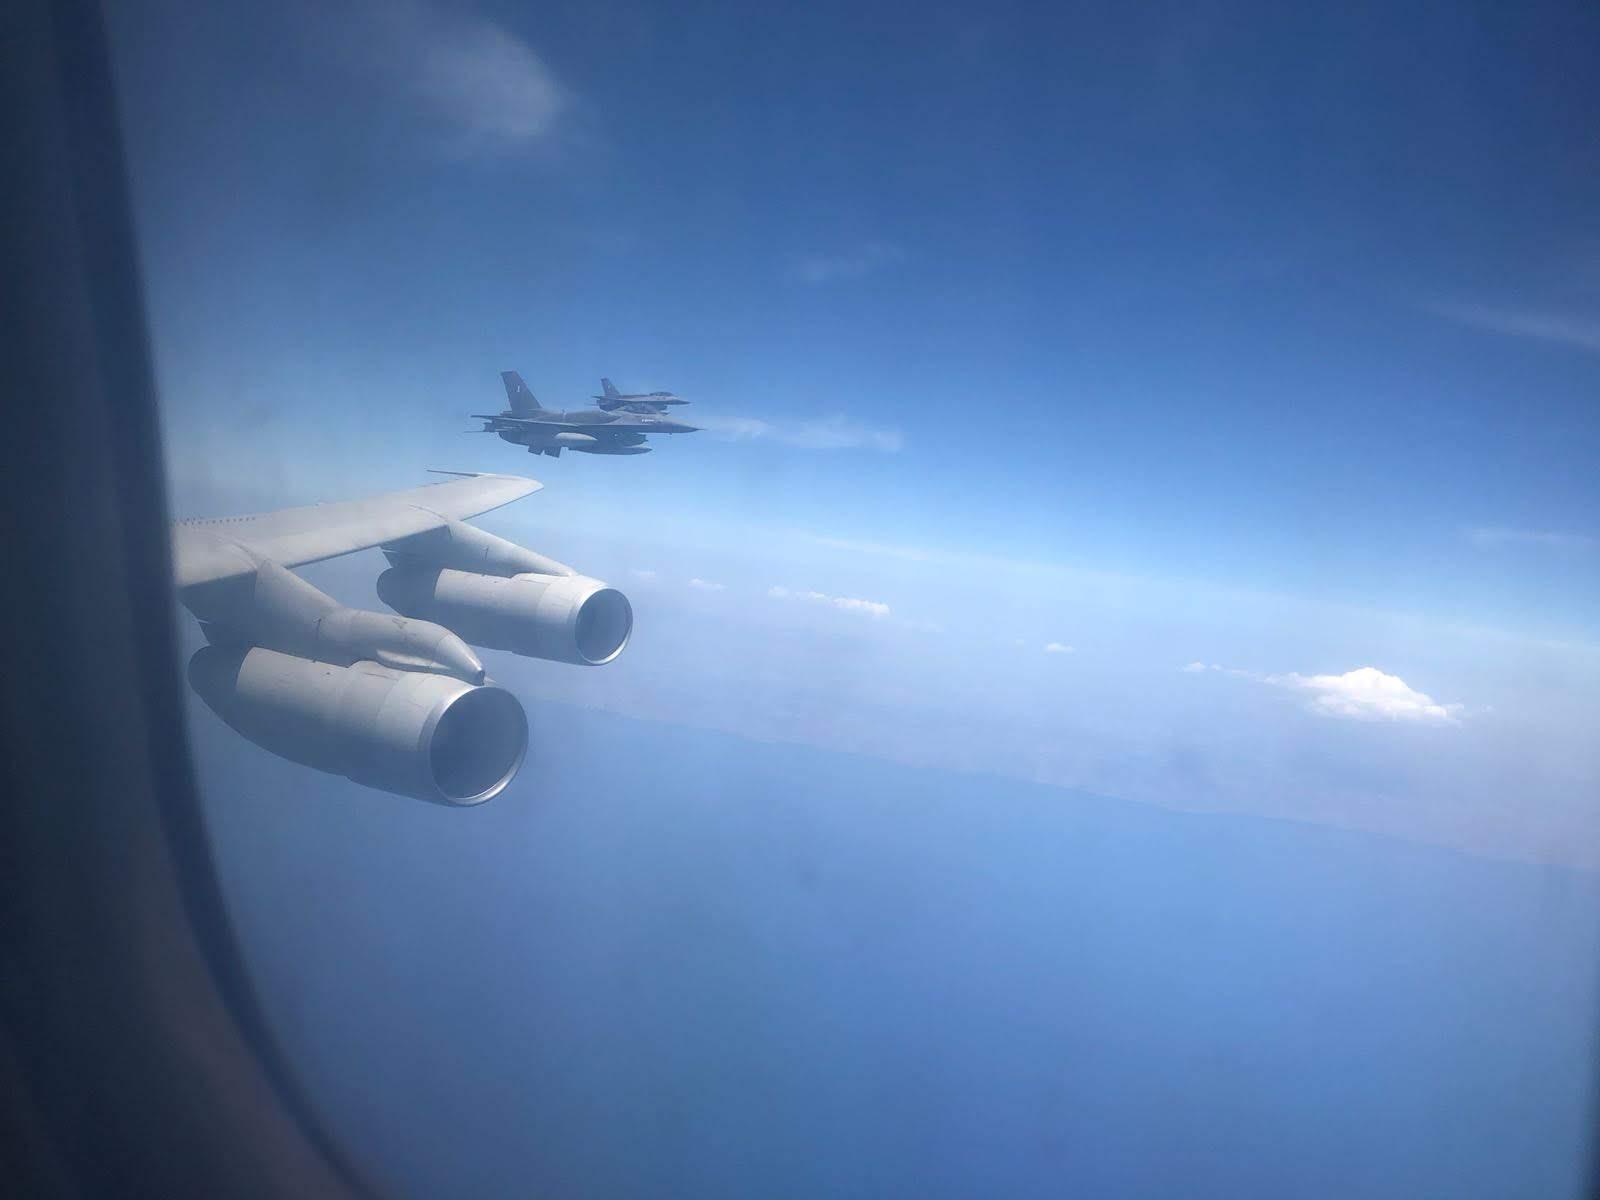 40 ισραηλινά μαχητικά στην Ελλάδα και «προσβολή» Skyguard της ΠΑ – Πακέτα COMAO κατά Τουρκίας στην ΑΟΖ και στο βάθος χτύπημα σε Ιράν!